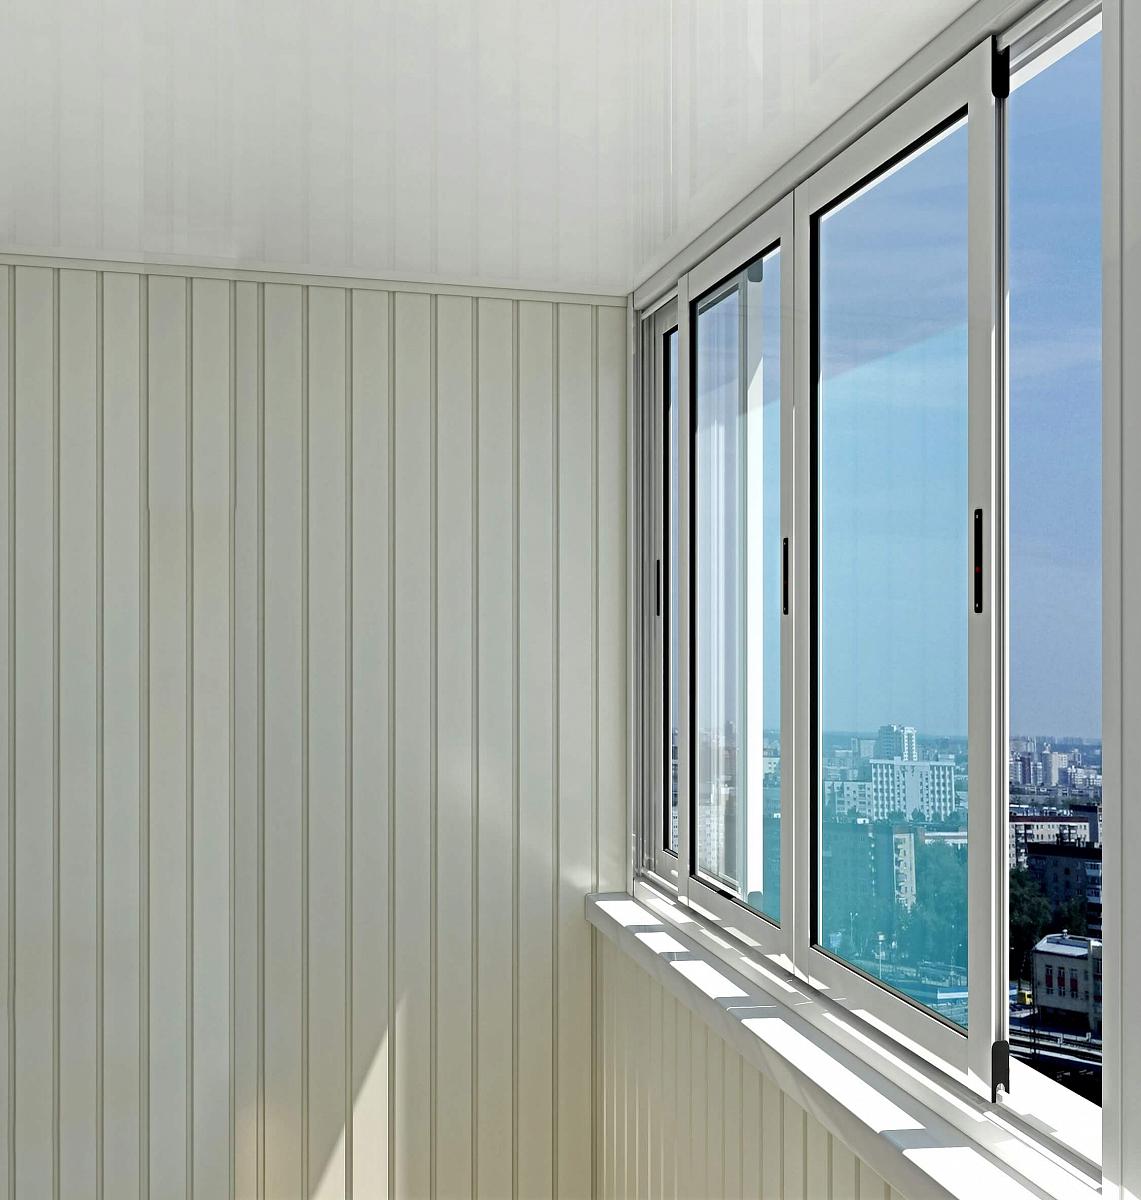 Остекление балкона provedal c640 раздвижные.